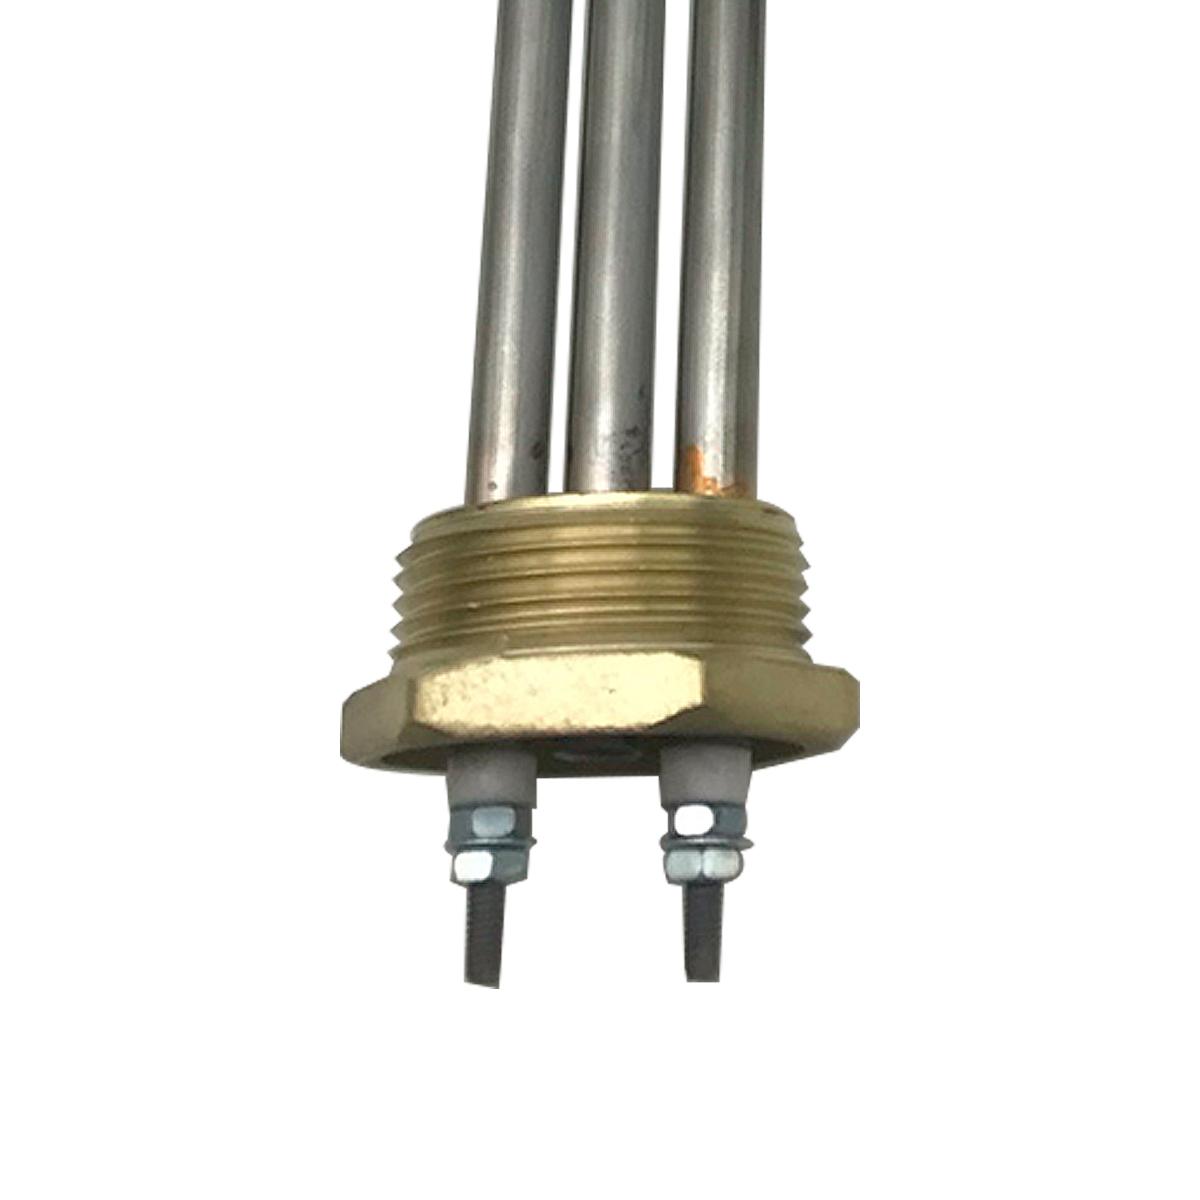 Resistência Elétrica Tubular Inox 3000W X 220V 1 elemento com bulbo para Aquecedor Solar